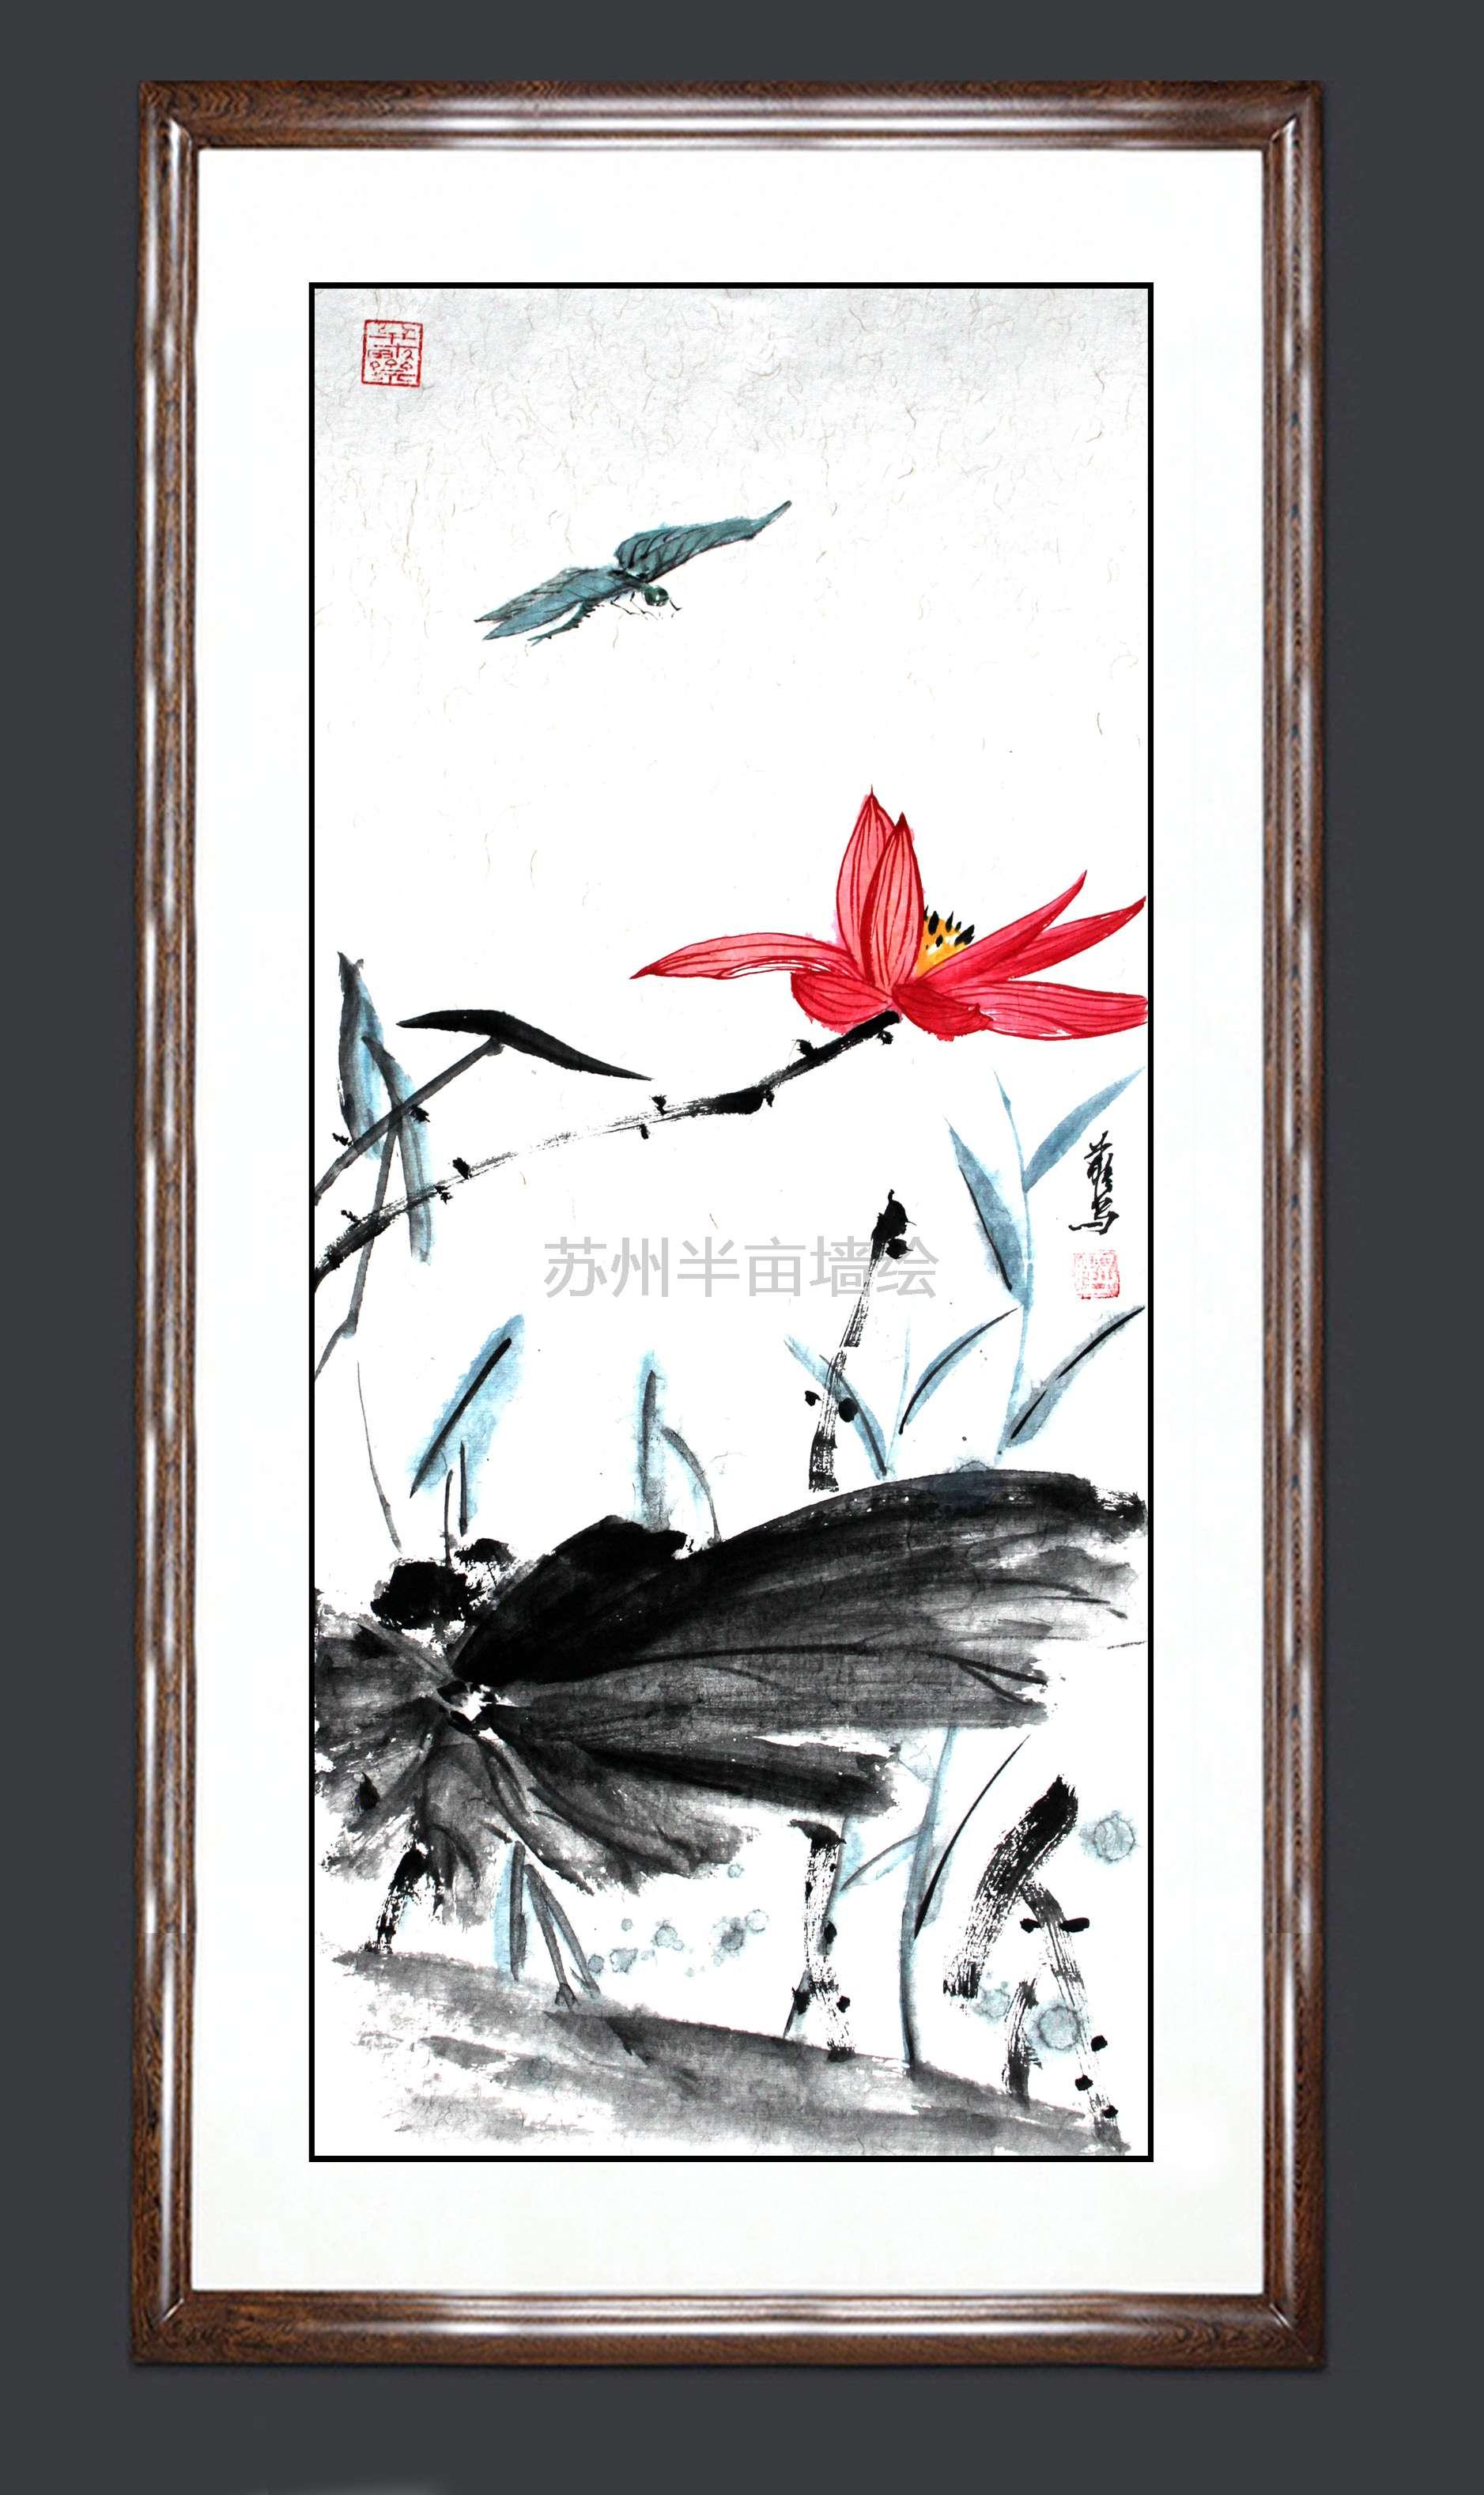 荷花书房装饰画系列作品国画